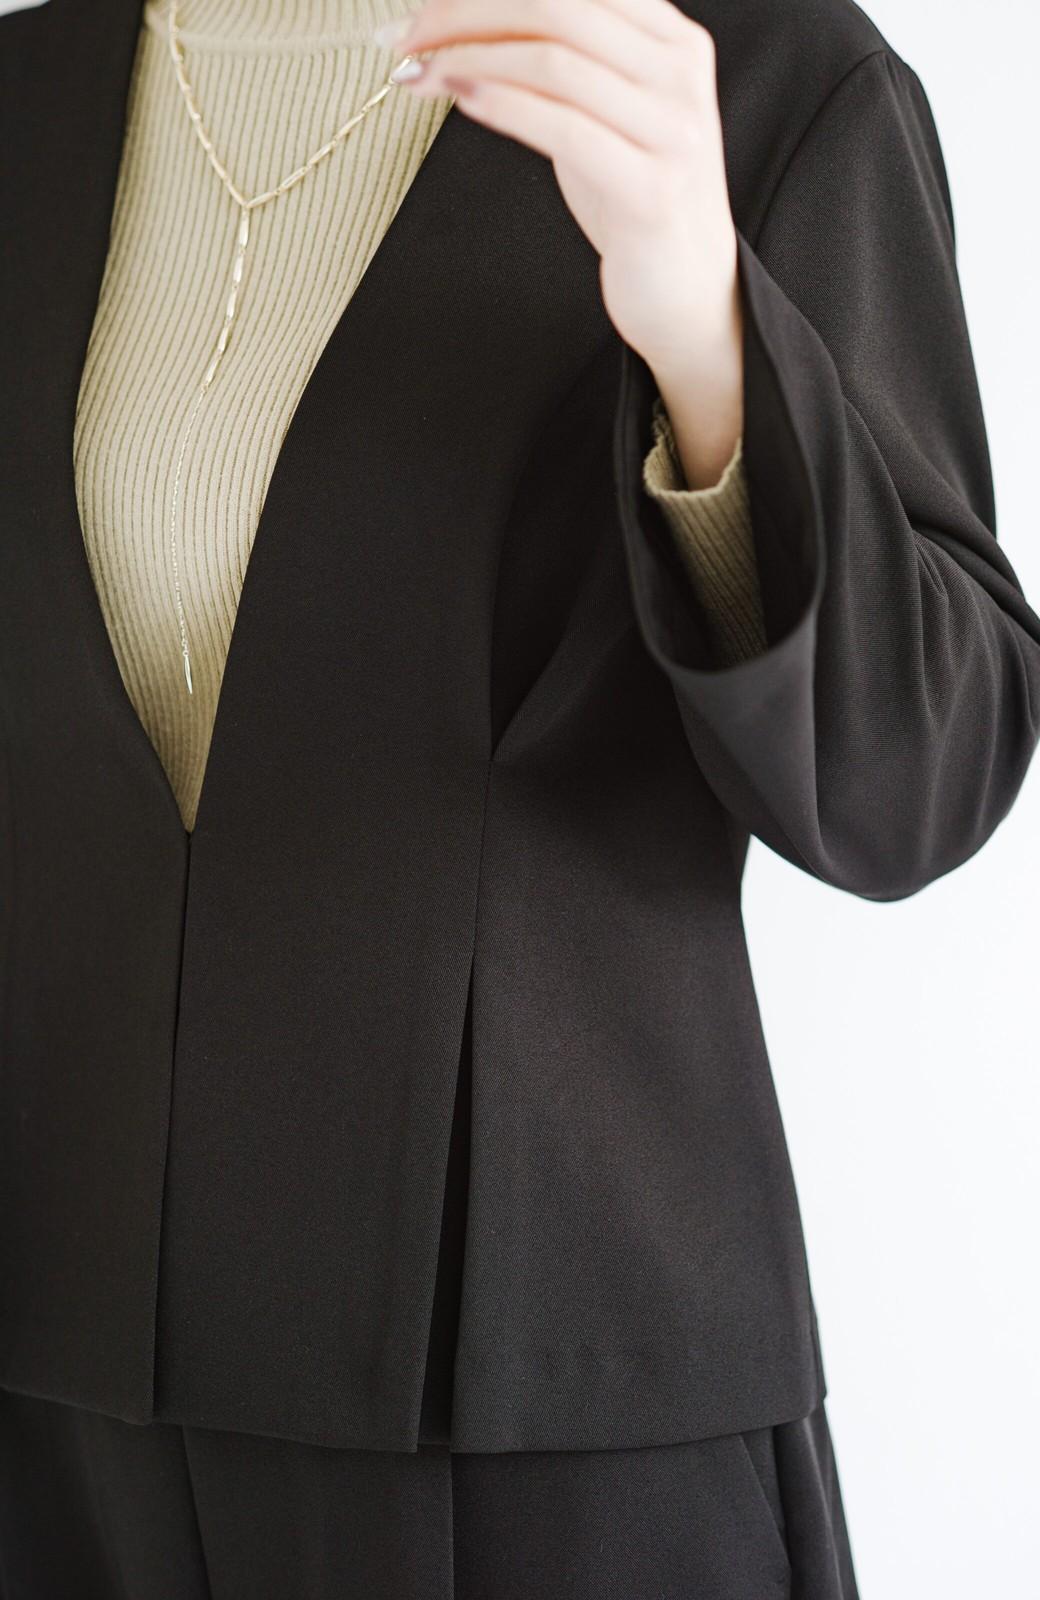 haco! 【華やか】これさえあればきちんとシーンも地味すぎない! 大人の華やかジャケット・パンツ・スカート3点セット <ブラック>の商品写真16